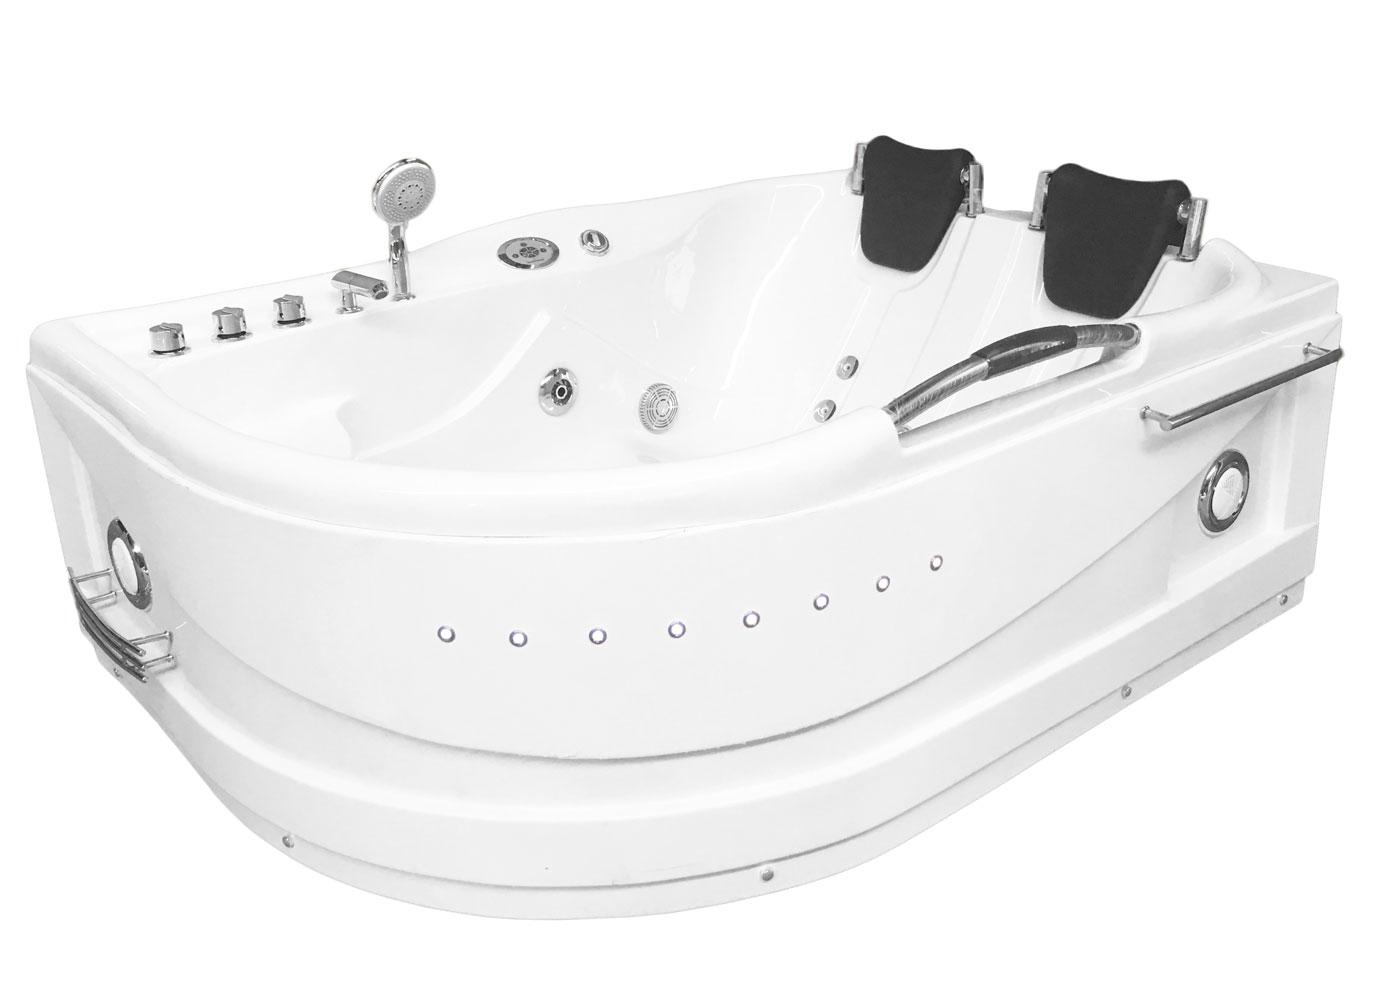 whirpool-hot-tub-bathtub-Maui2